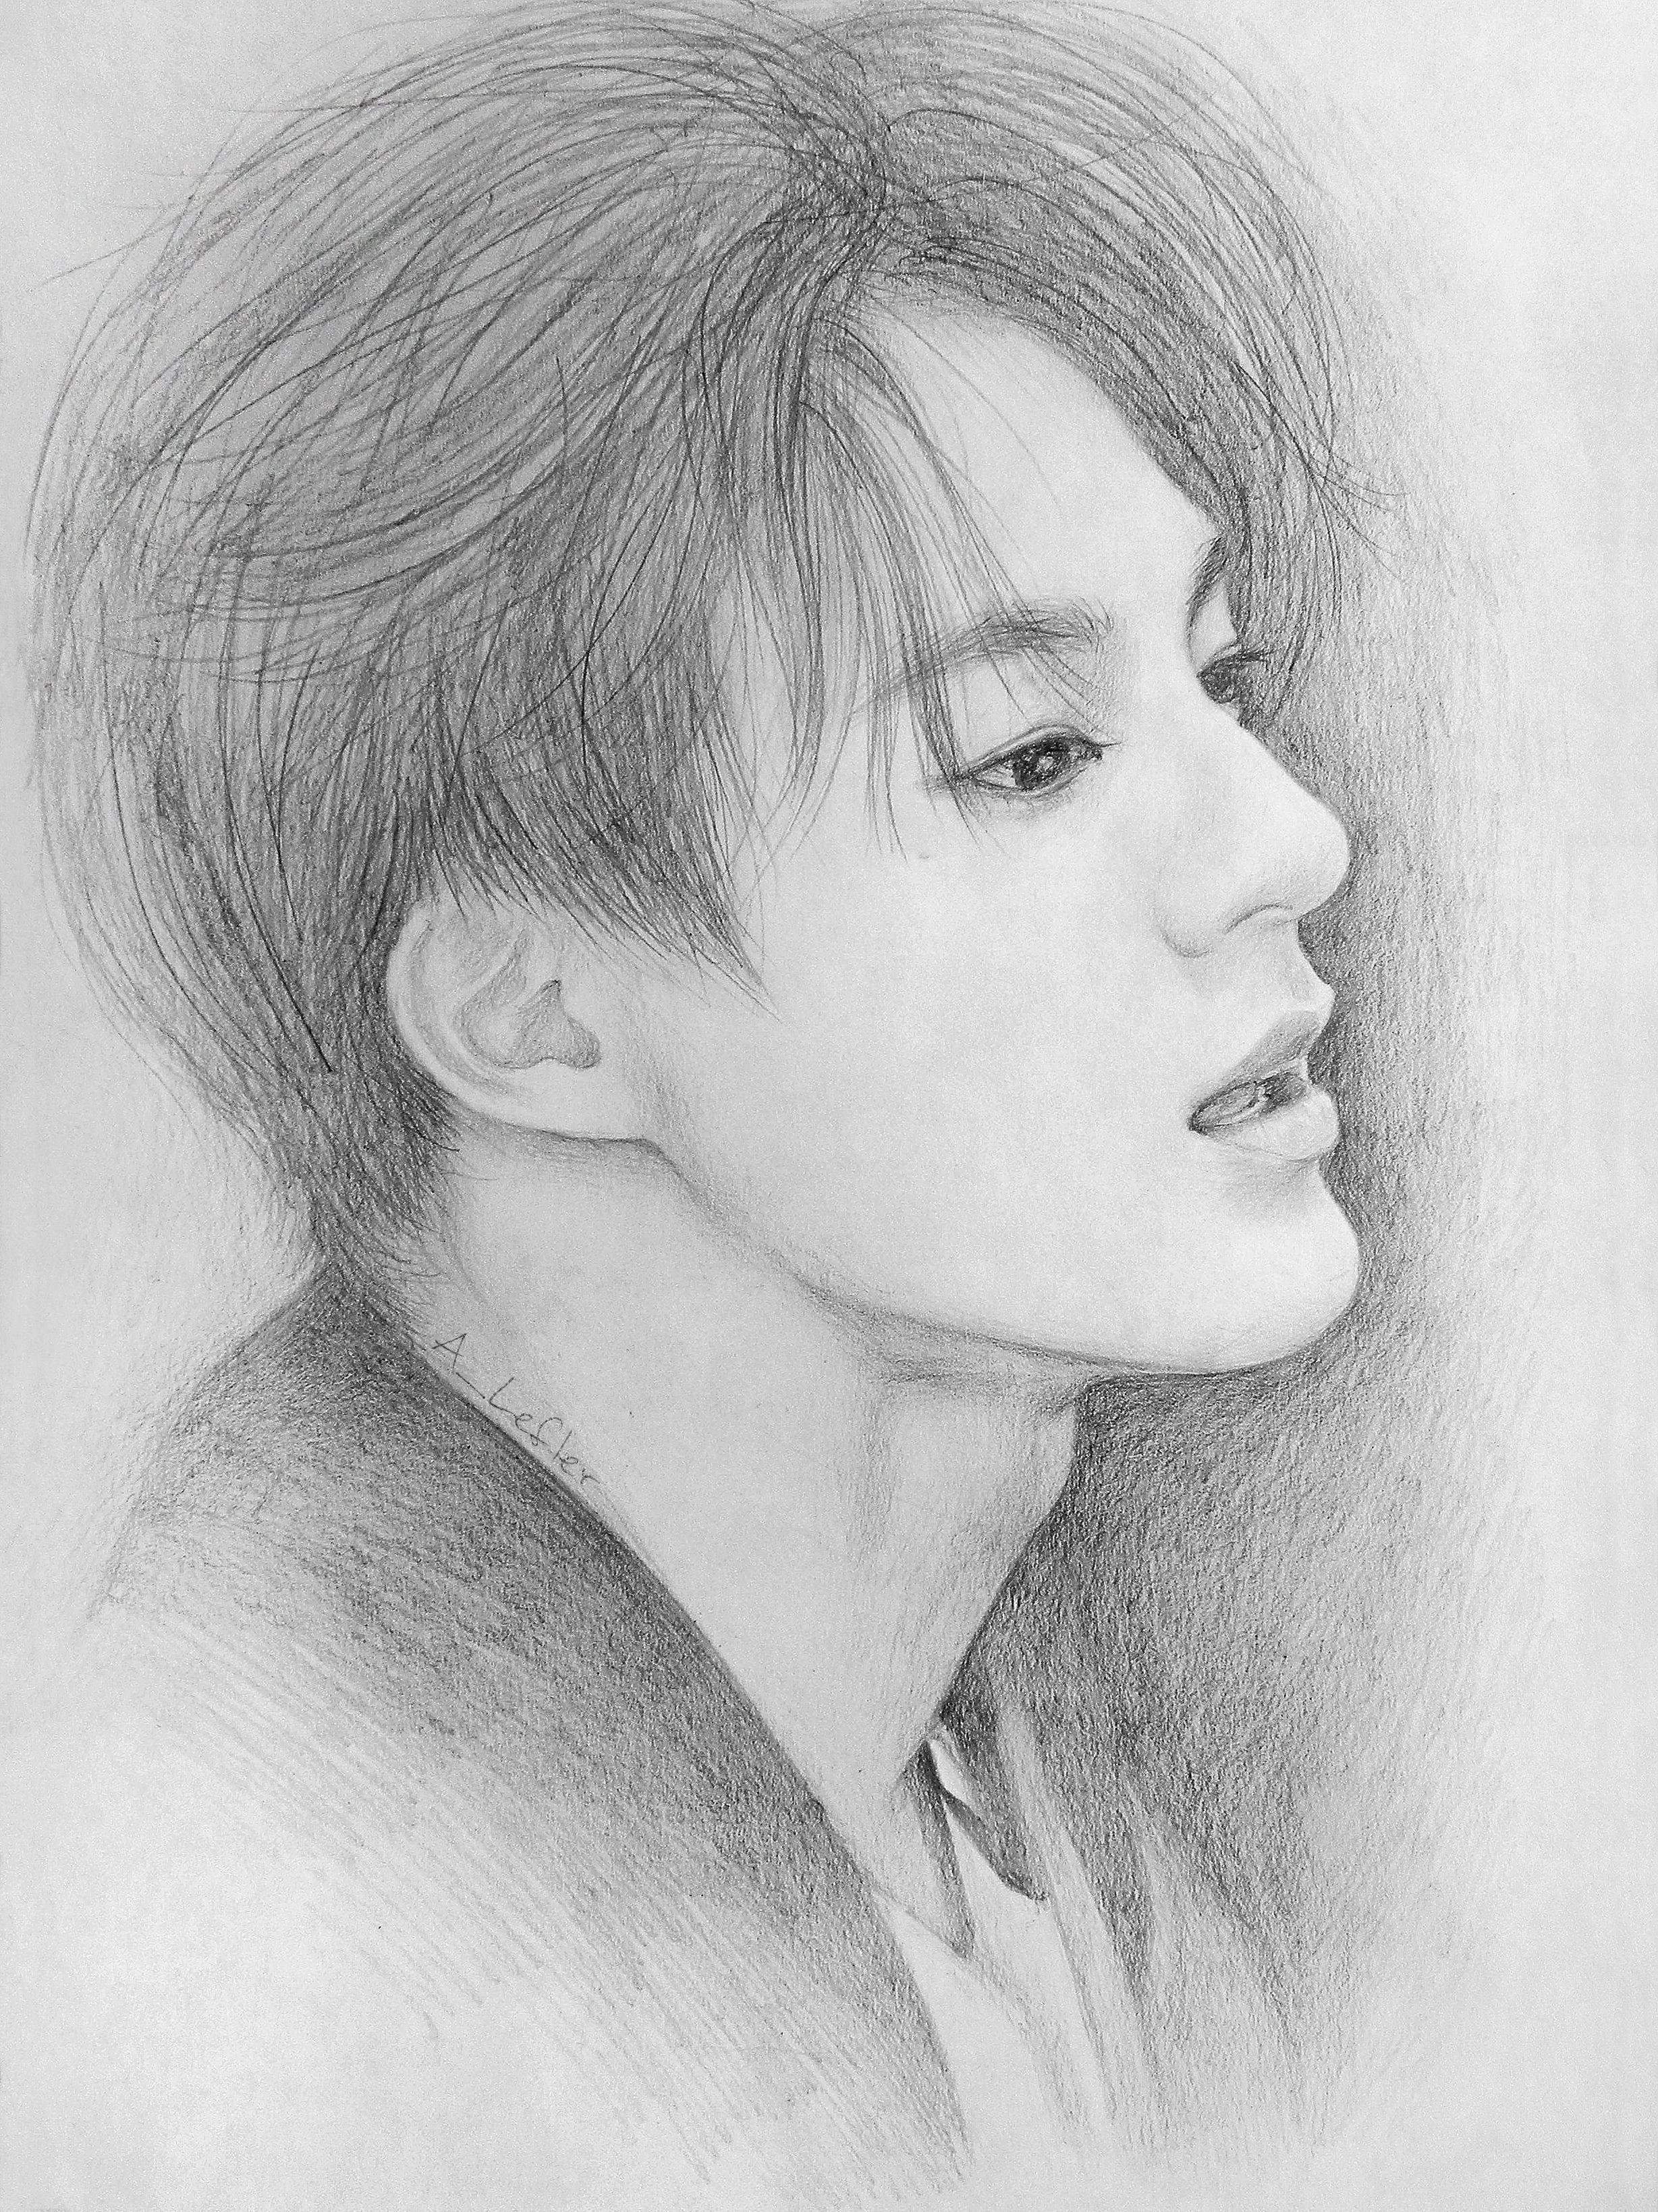 Jeno NCT Dream   Lukisan mudah, Lukisan wajah, Sketsa